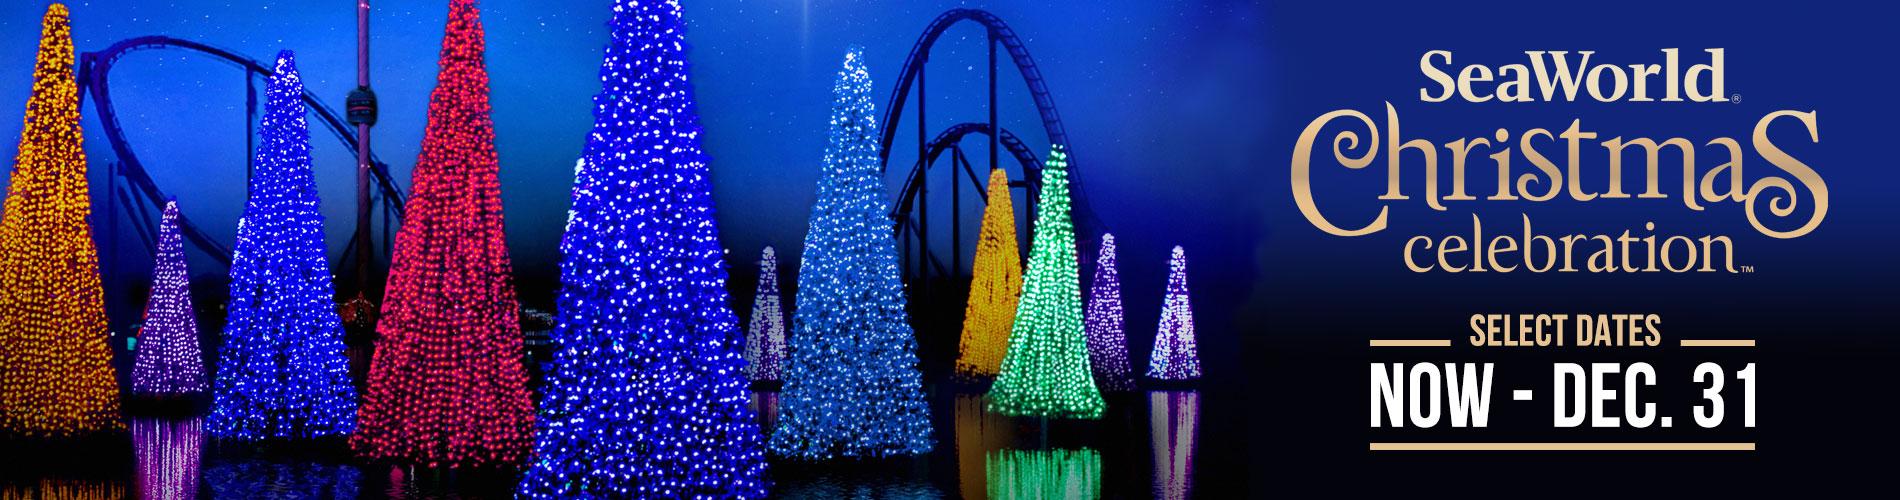 Christmas Celebration at SeaWorld Orlando